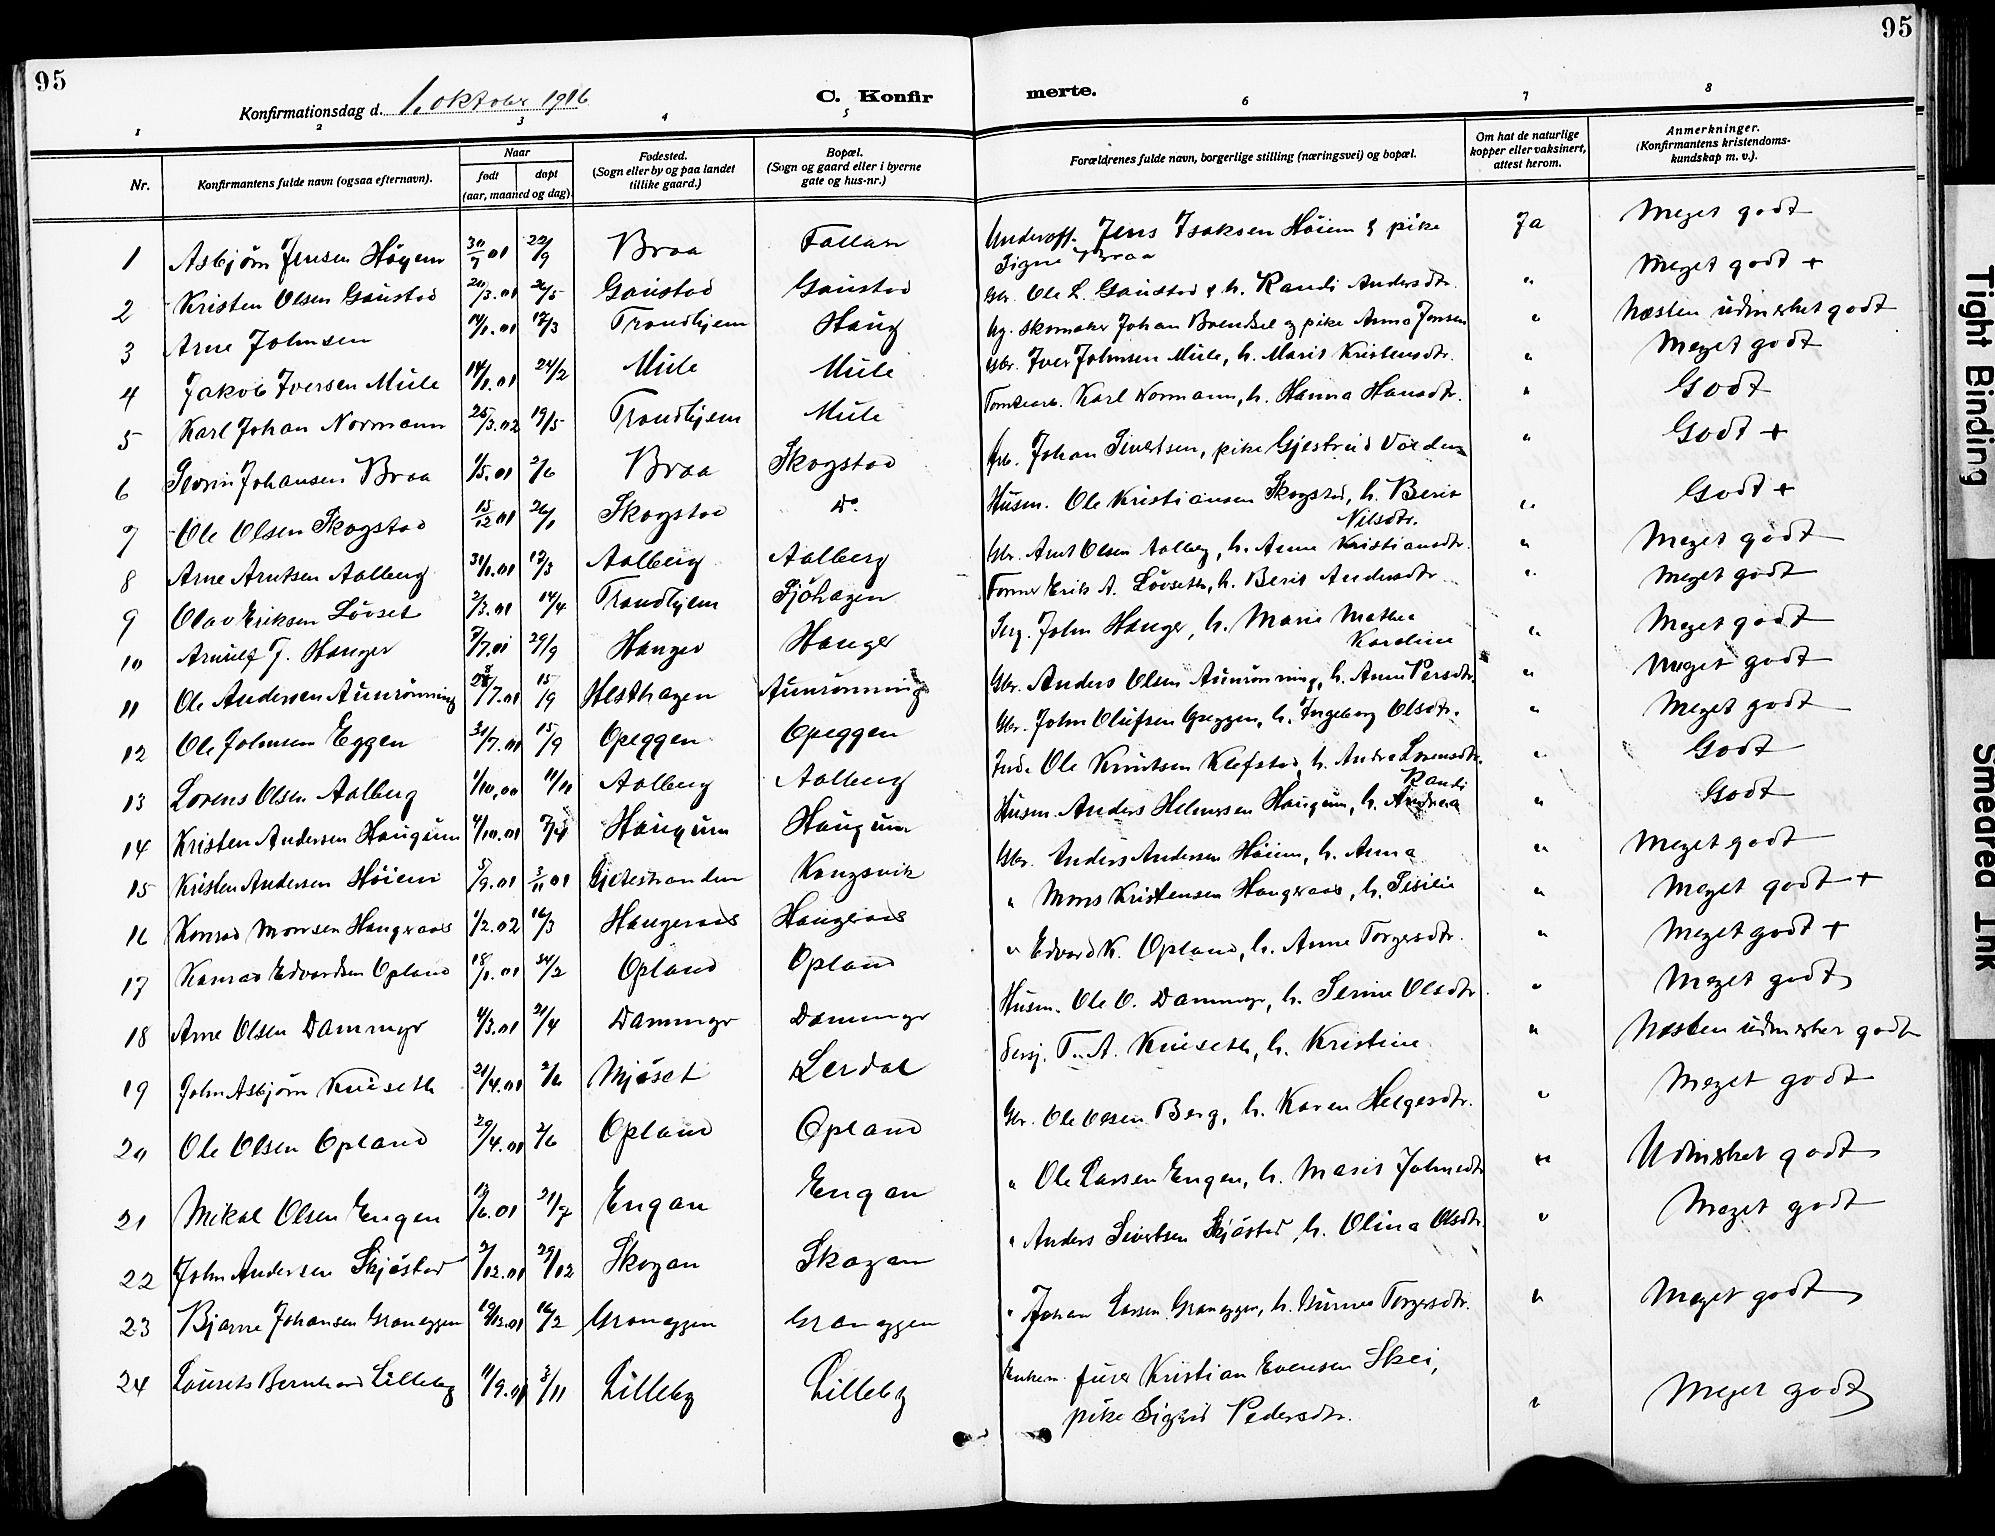 SAT, Ministerialprotokoller, klokkerbøker og fødselsregistre - Sør-Trøndelag, 612/L0388: Klokkerbok nr. 612C04, 1909-1929, s. 95